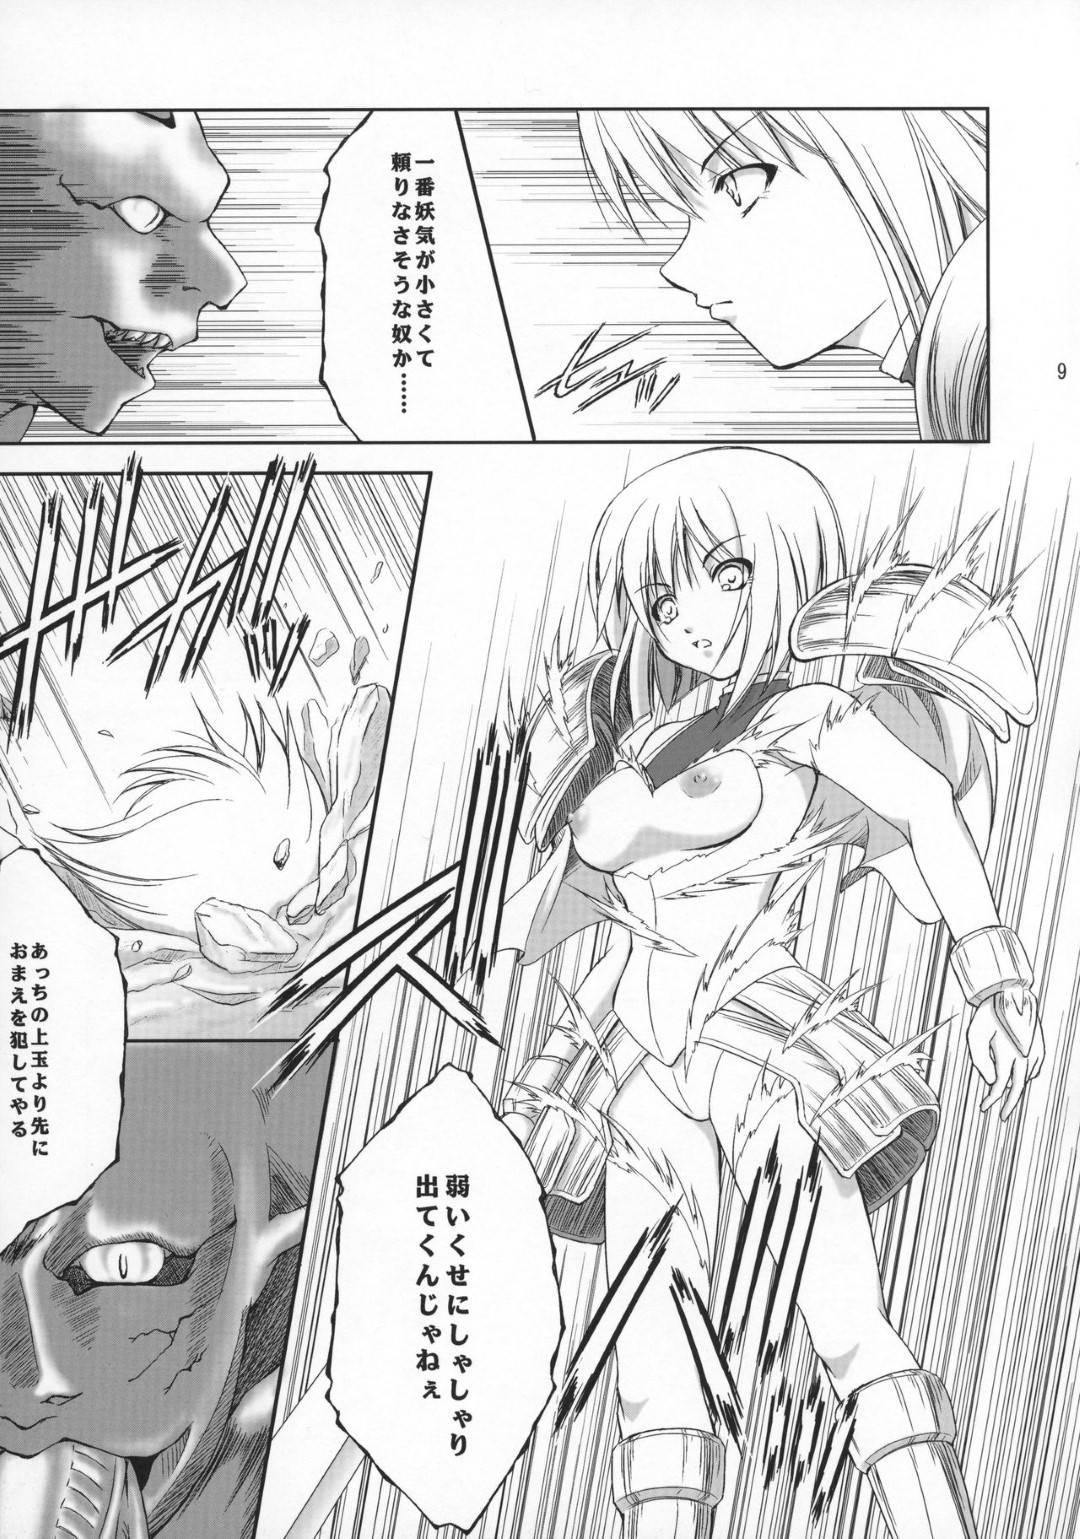 【エロ漫画】人外の化け物に敗北してしまった華奢な女騎士。身動きできない彼女は触手のデカマラを強引に膣へと挿入されて処女を奪われてしまう。更には全裸にした彼女を触手で全身を陵辱する。